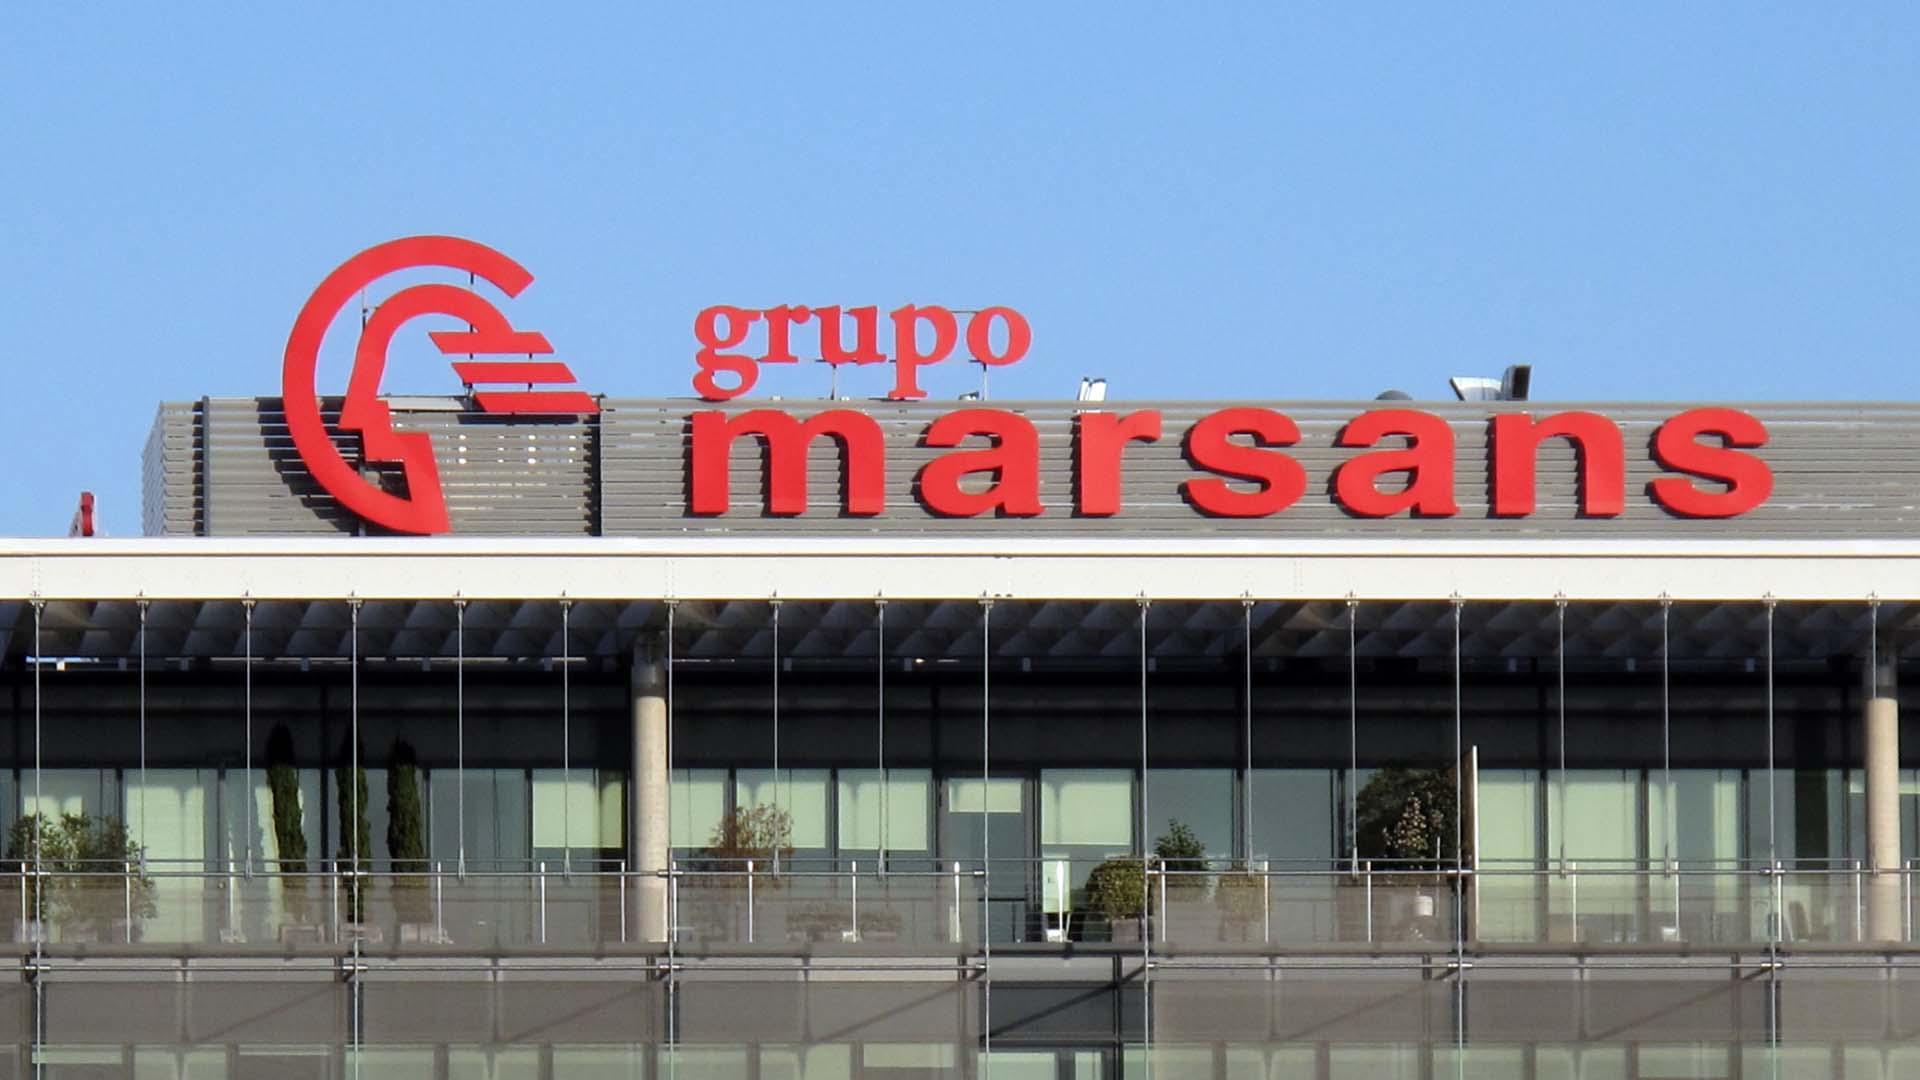 El ex presidente y director de Viajes Marsans fueron juzgados por el hurto de más de cuatro millones de euros